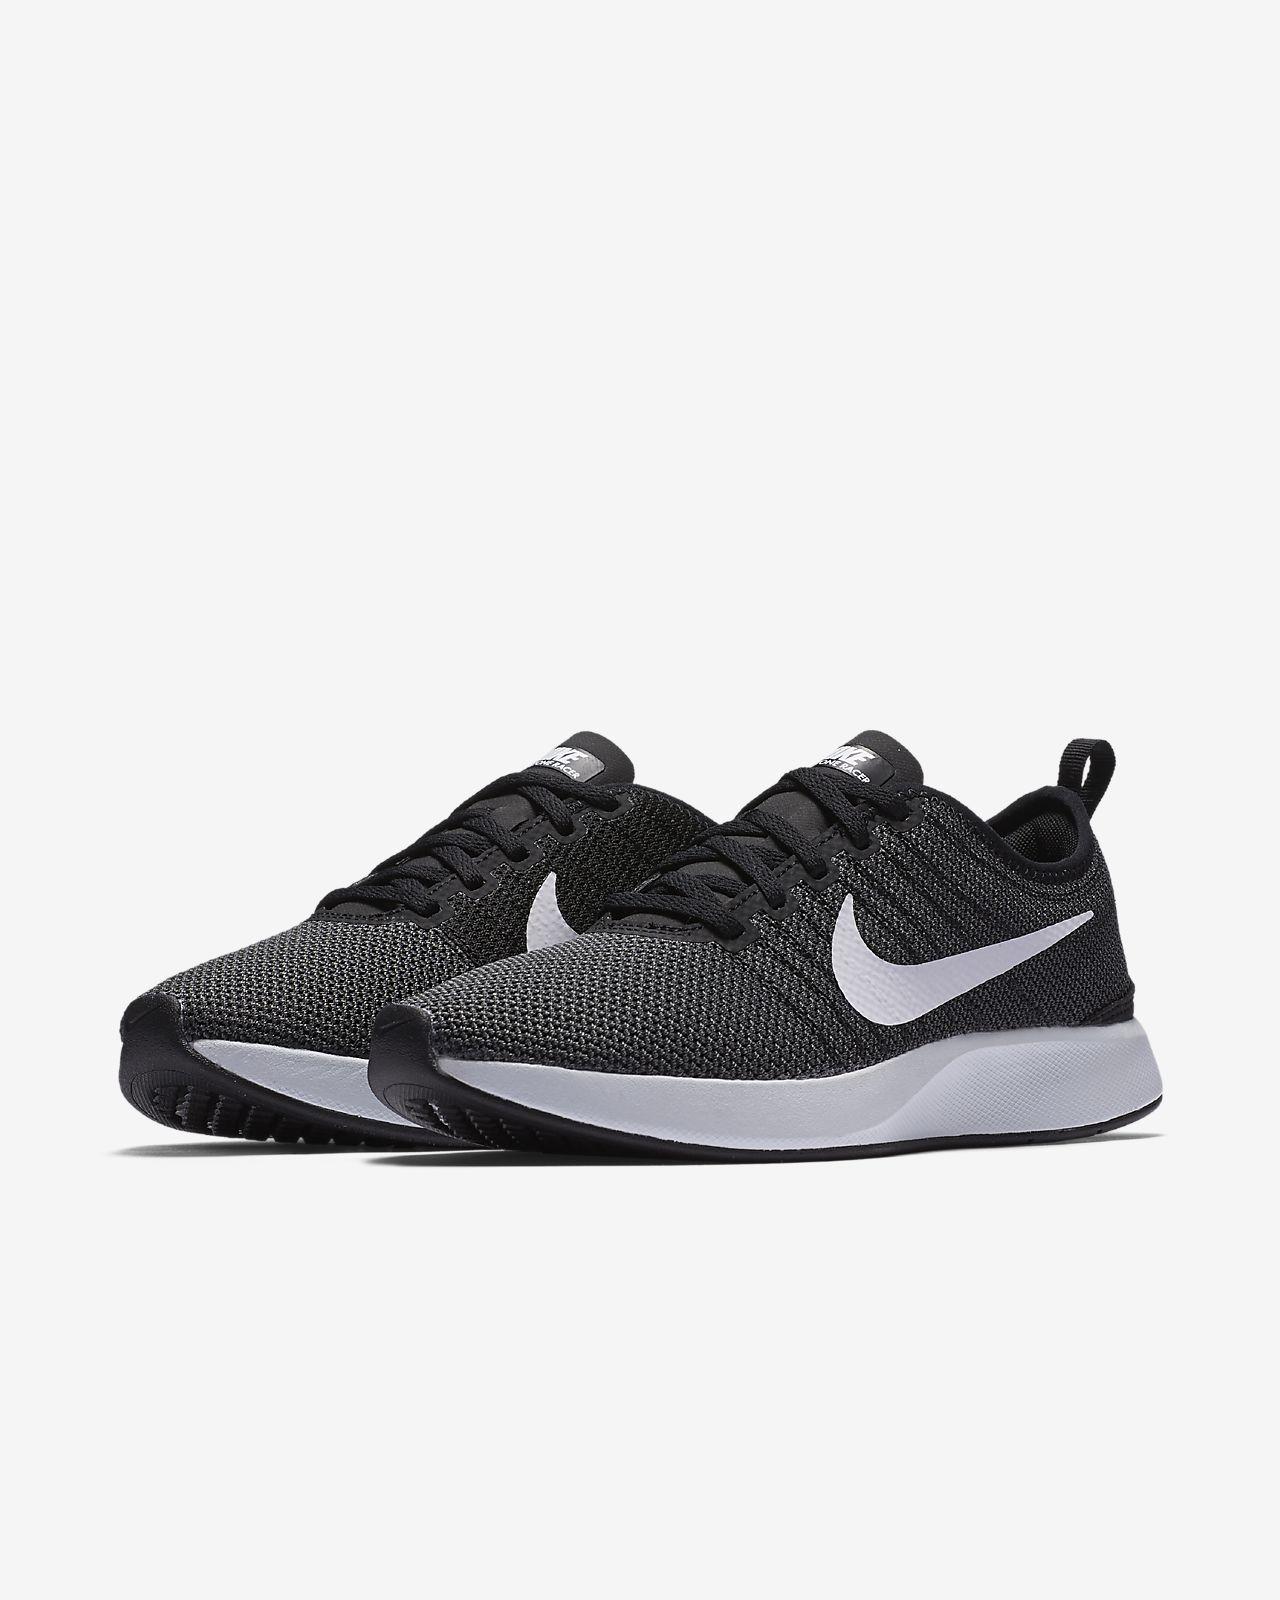 Nike Dualtone Racer Women's Shoe